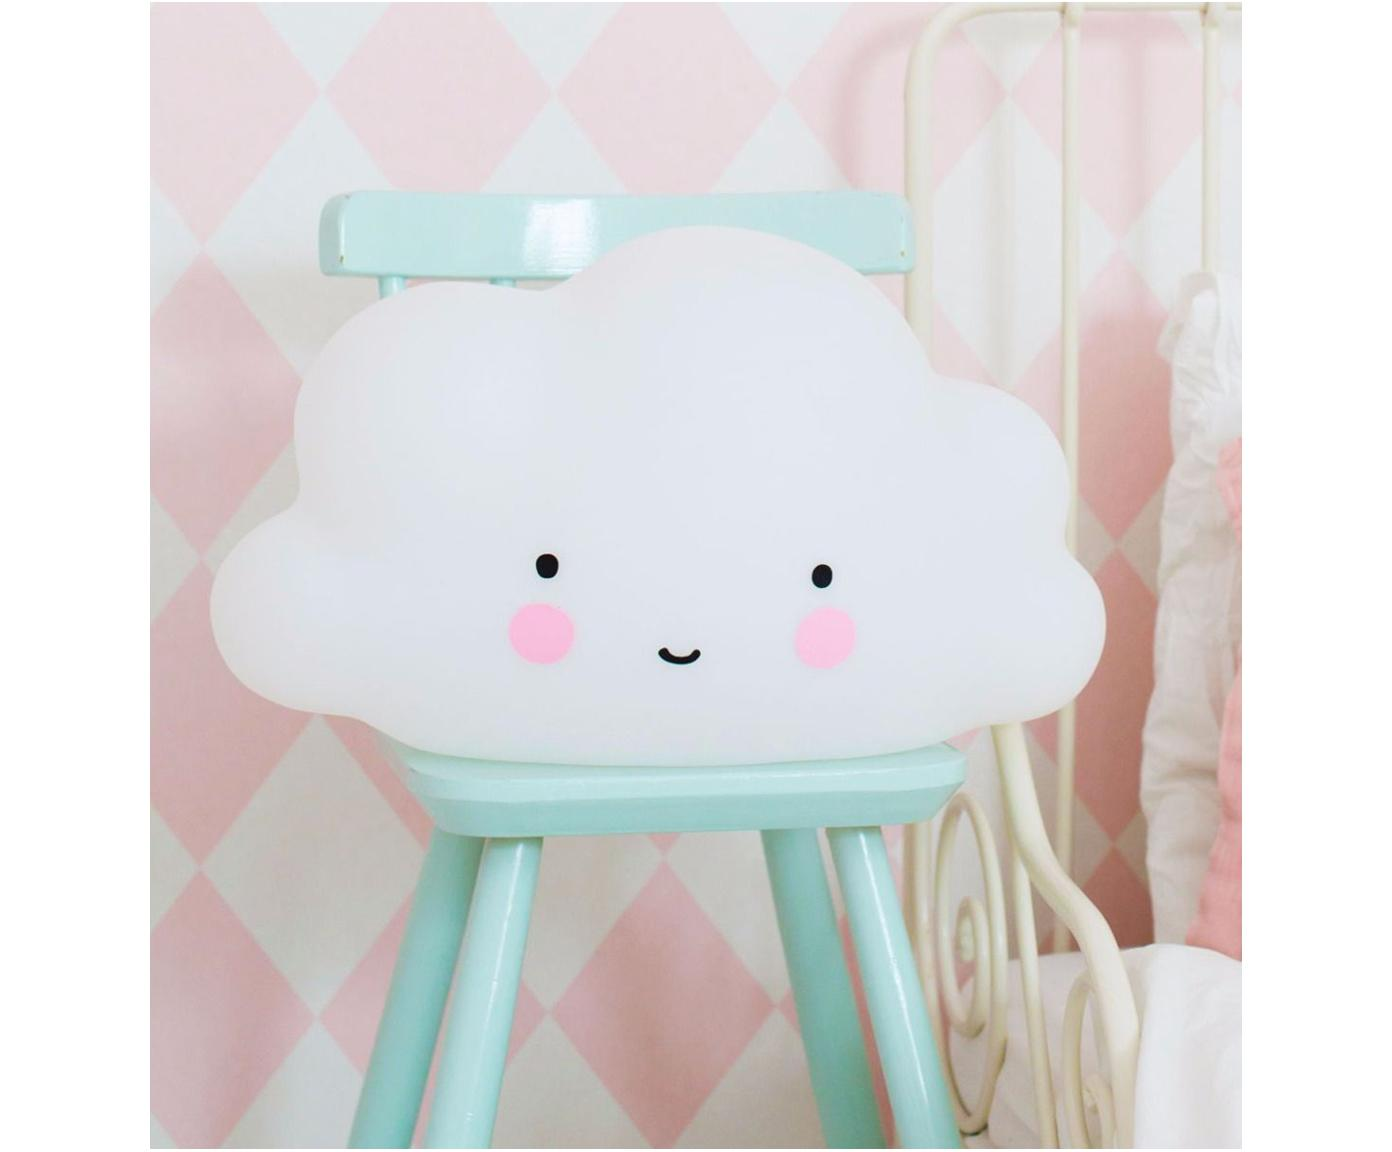 LED Leuchtobjekt Cloud, Kunststoff, Weiß, Rosa, Schwarz, 45 x 25 cm